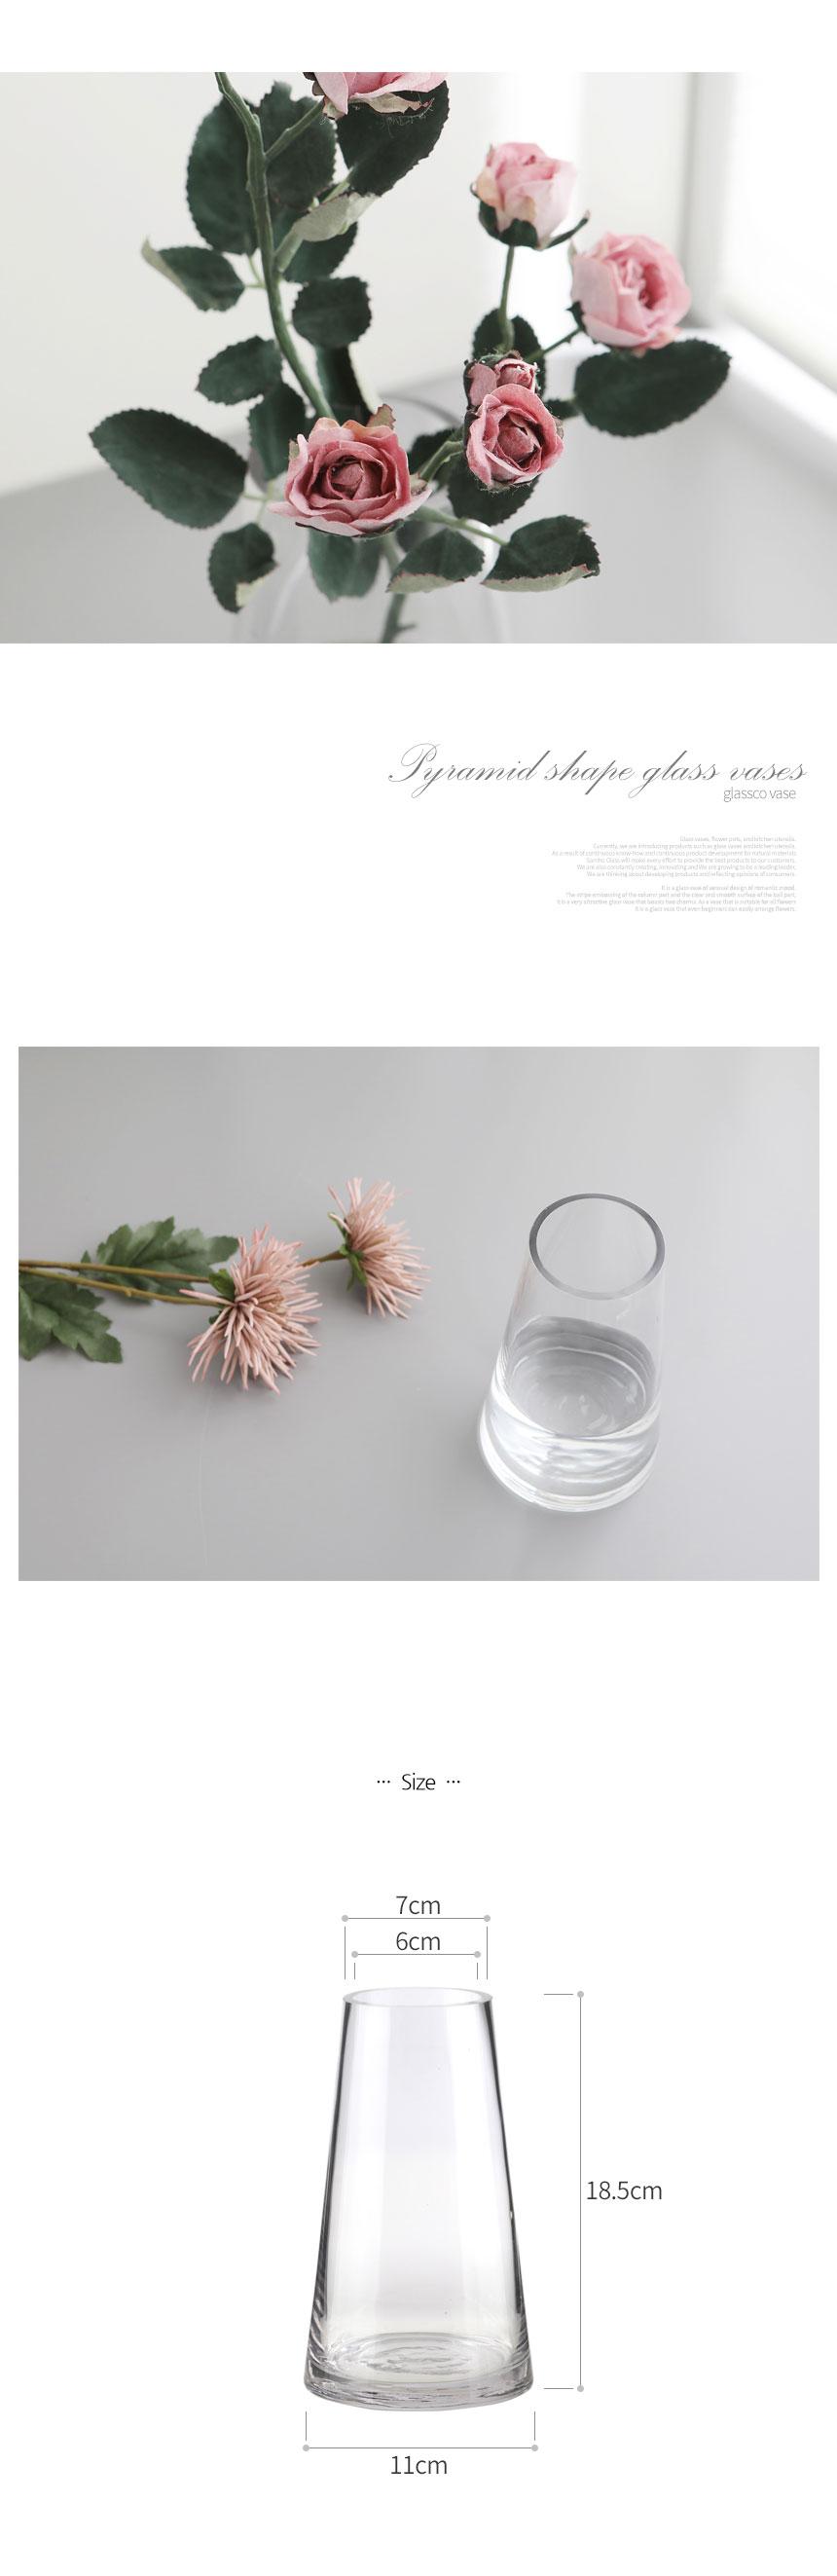 피라밋 인테리어 유리화병 (대,투명) - 글라스코, 14,800원, 화병/수반, 유리화병